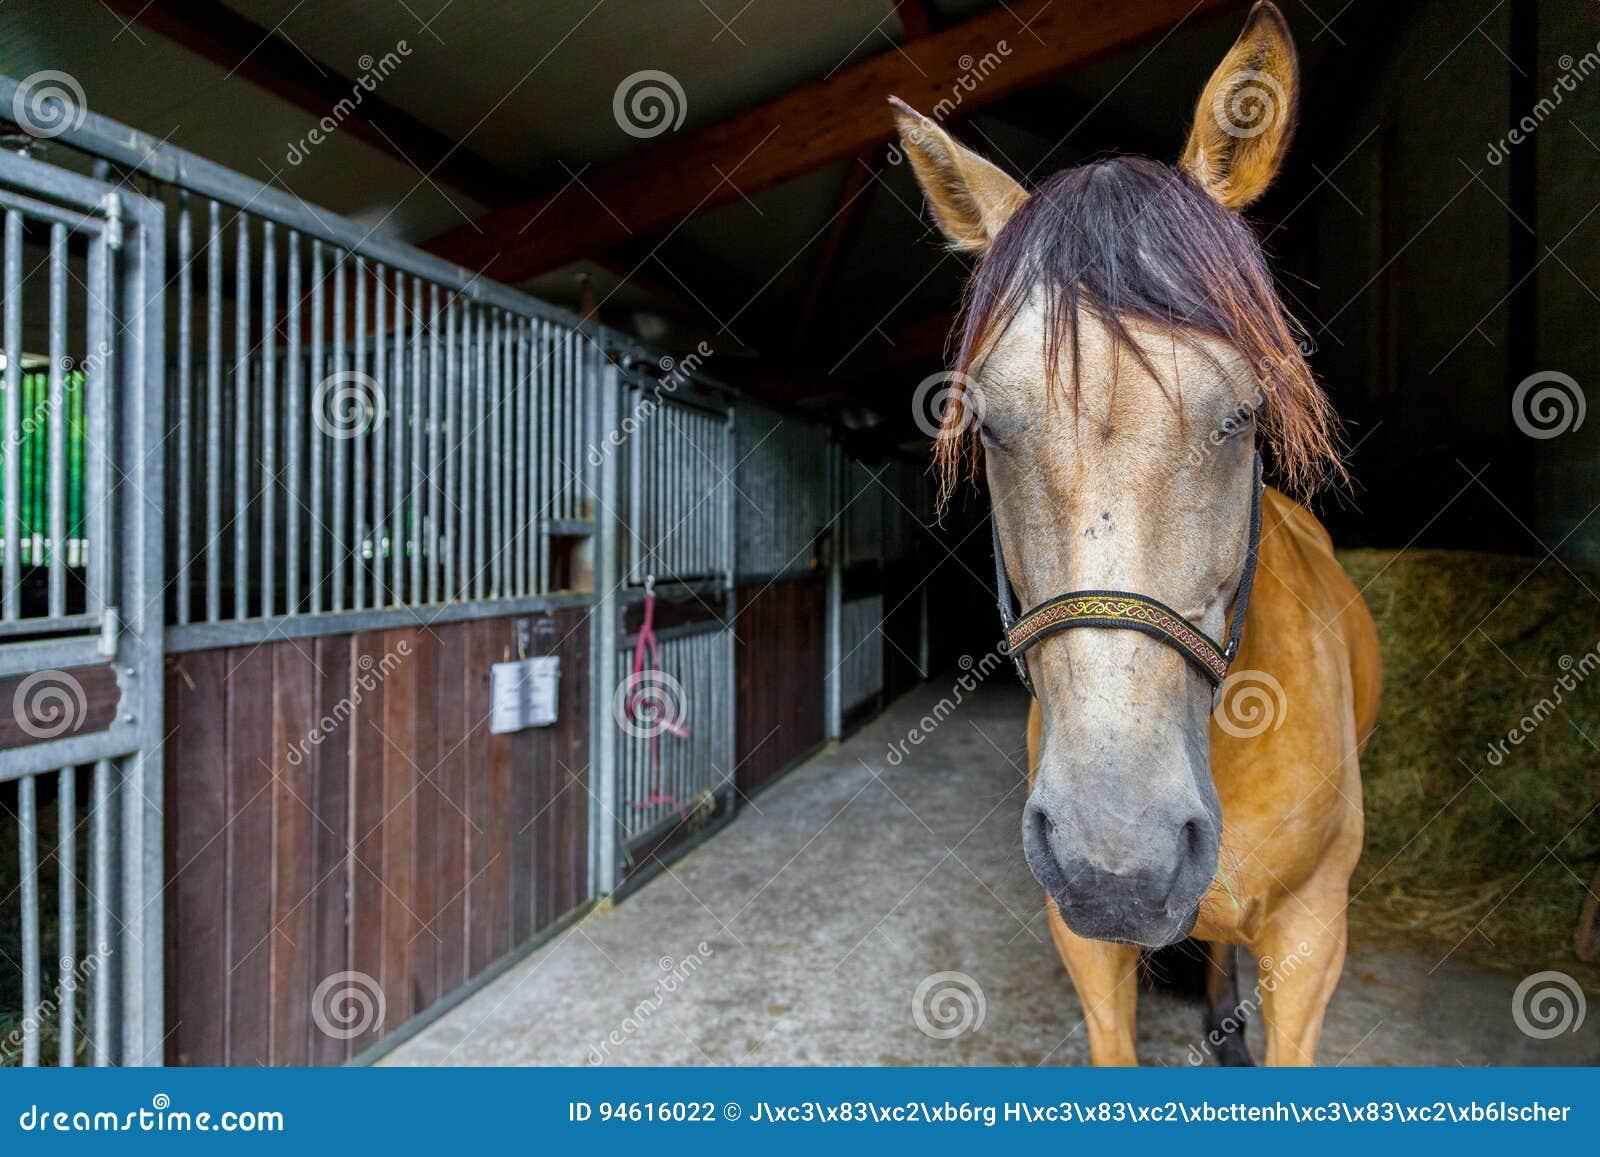 Лошадь Брайна стоит в амбаре